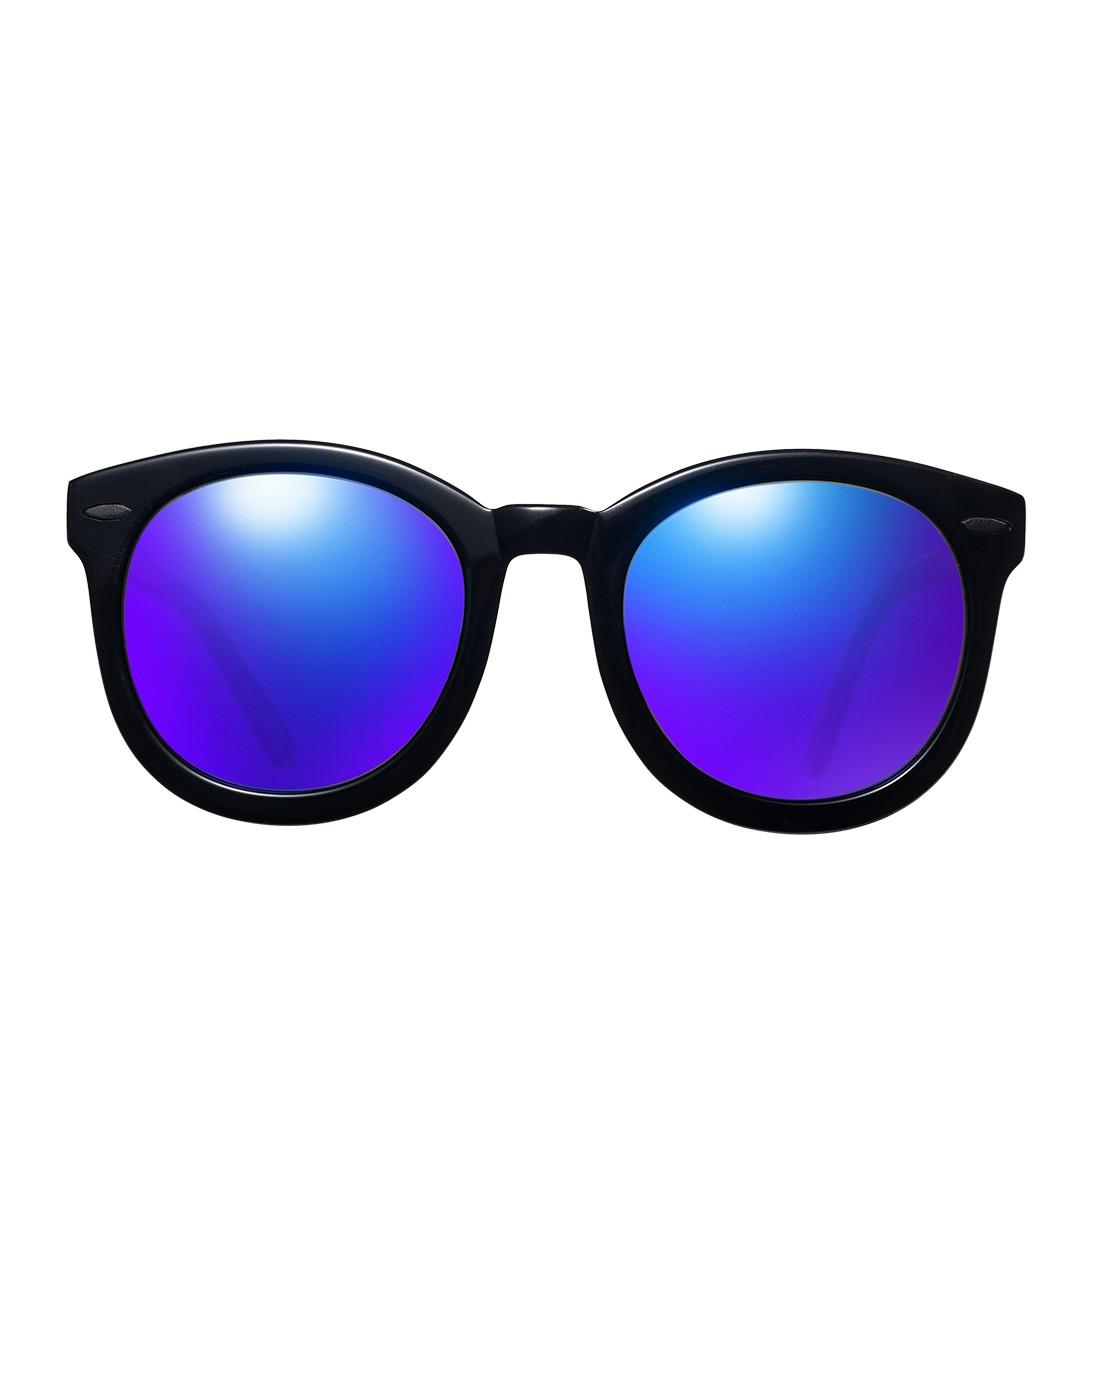 时尚复古圆框偏光太阳眼镜